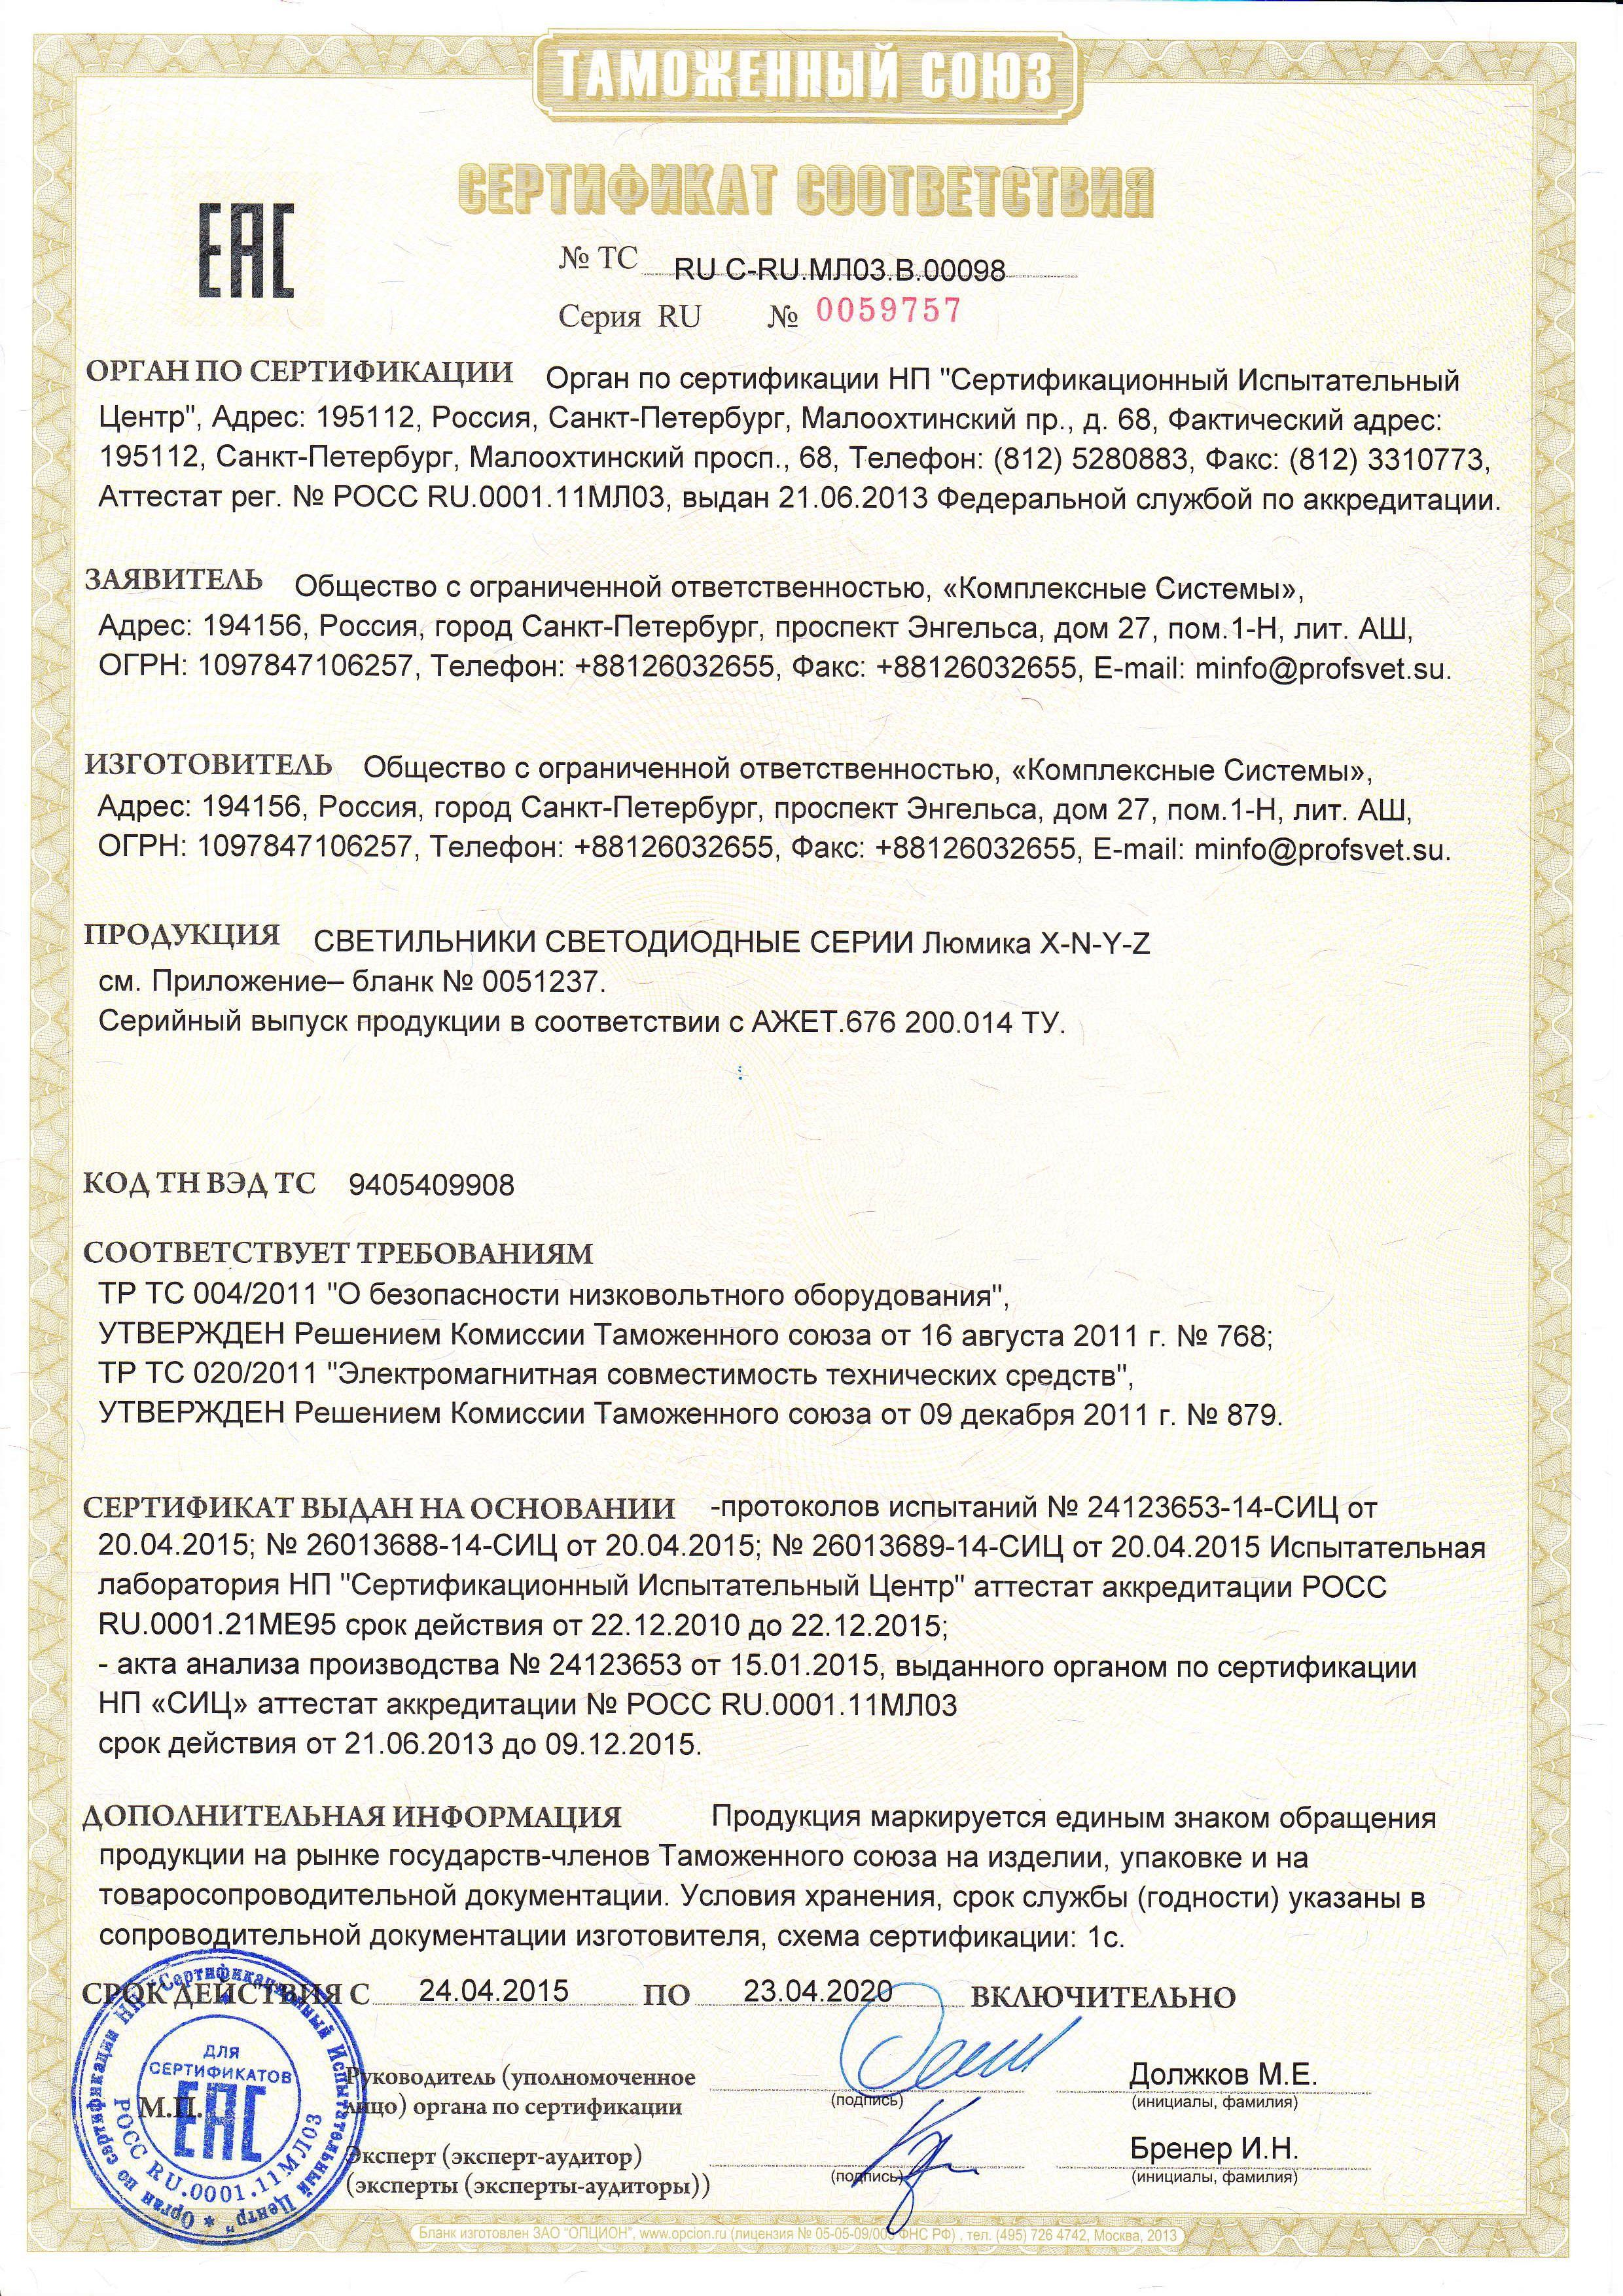 Сертификат таможенного союза на светодиодные светильники серии Люмика